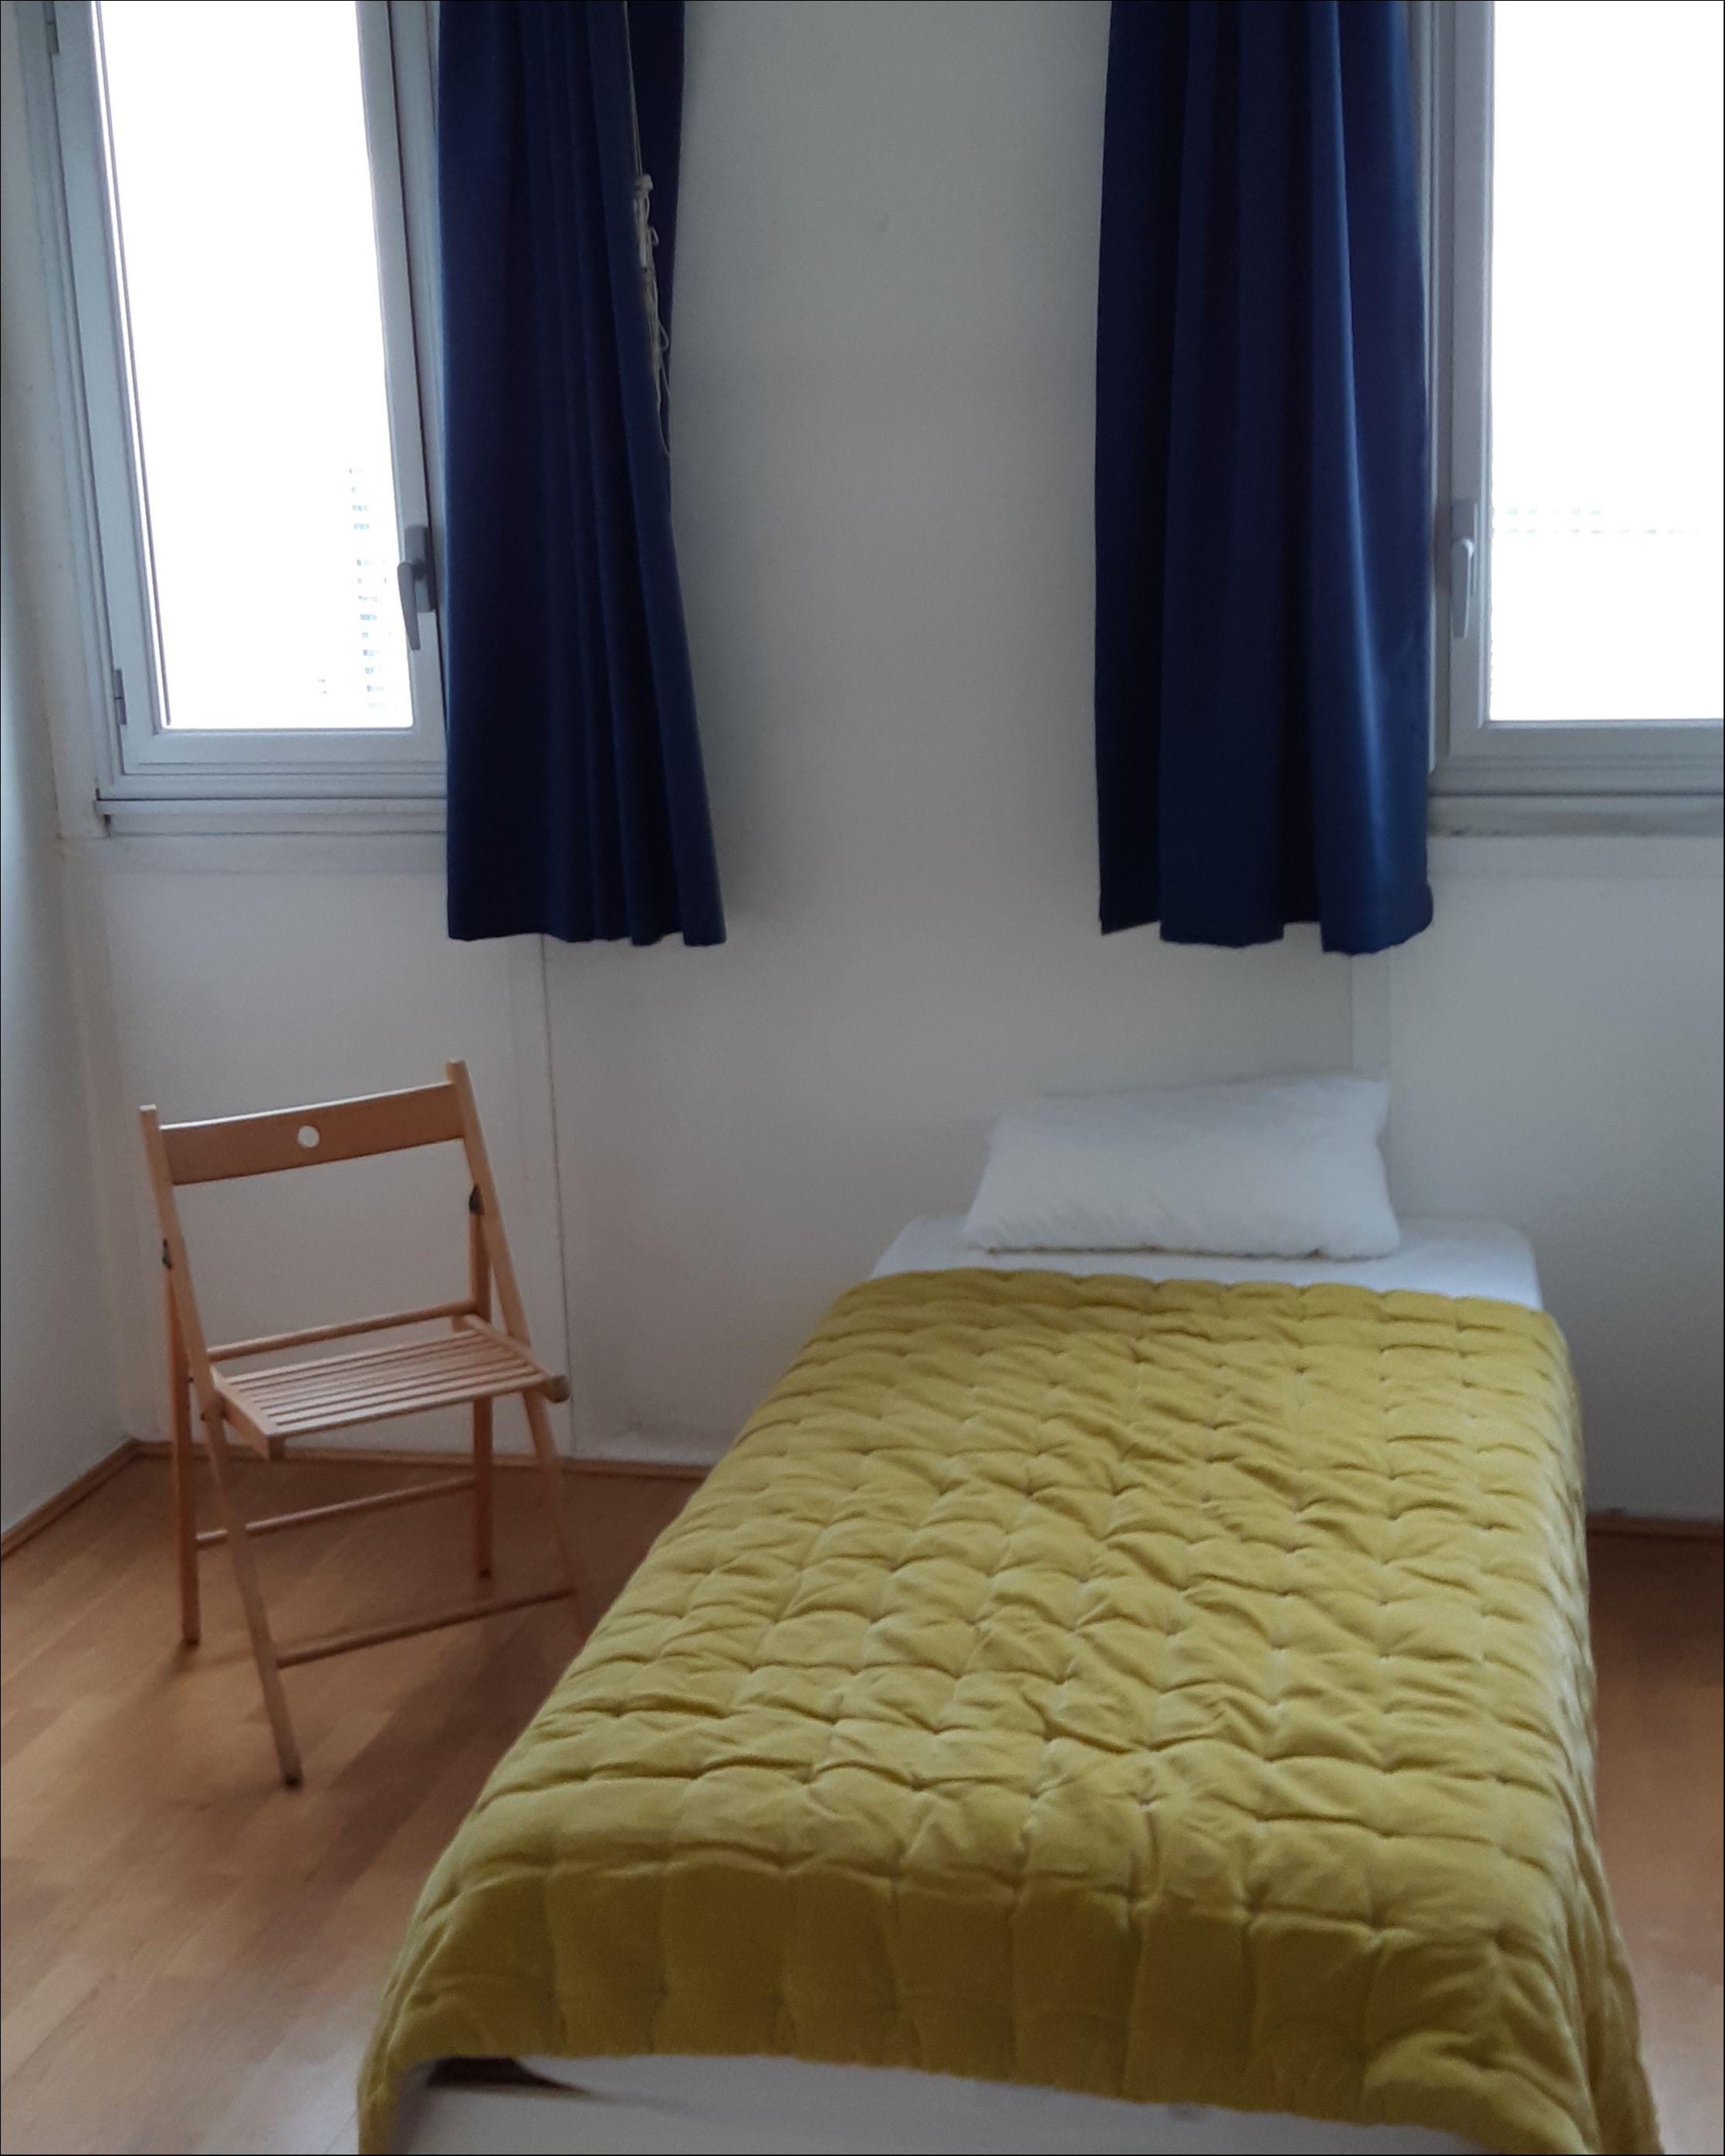 Chambre-à-louer-Paris 19ème arrondissement-Chambre75019